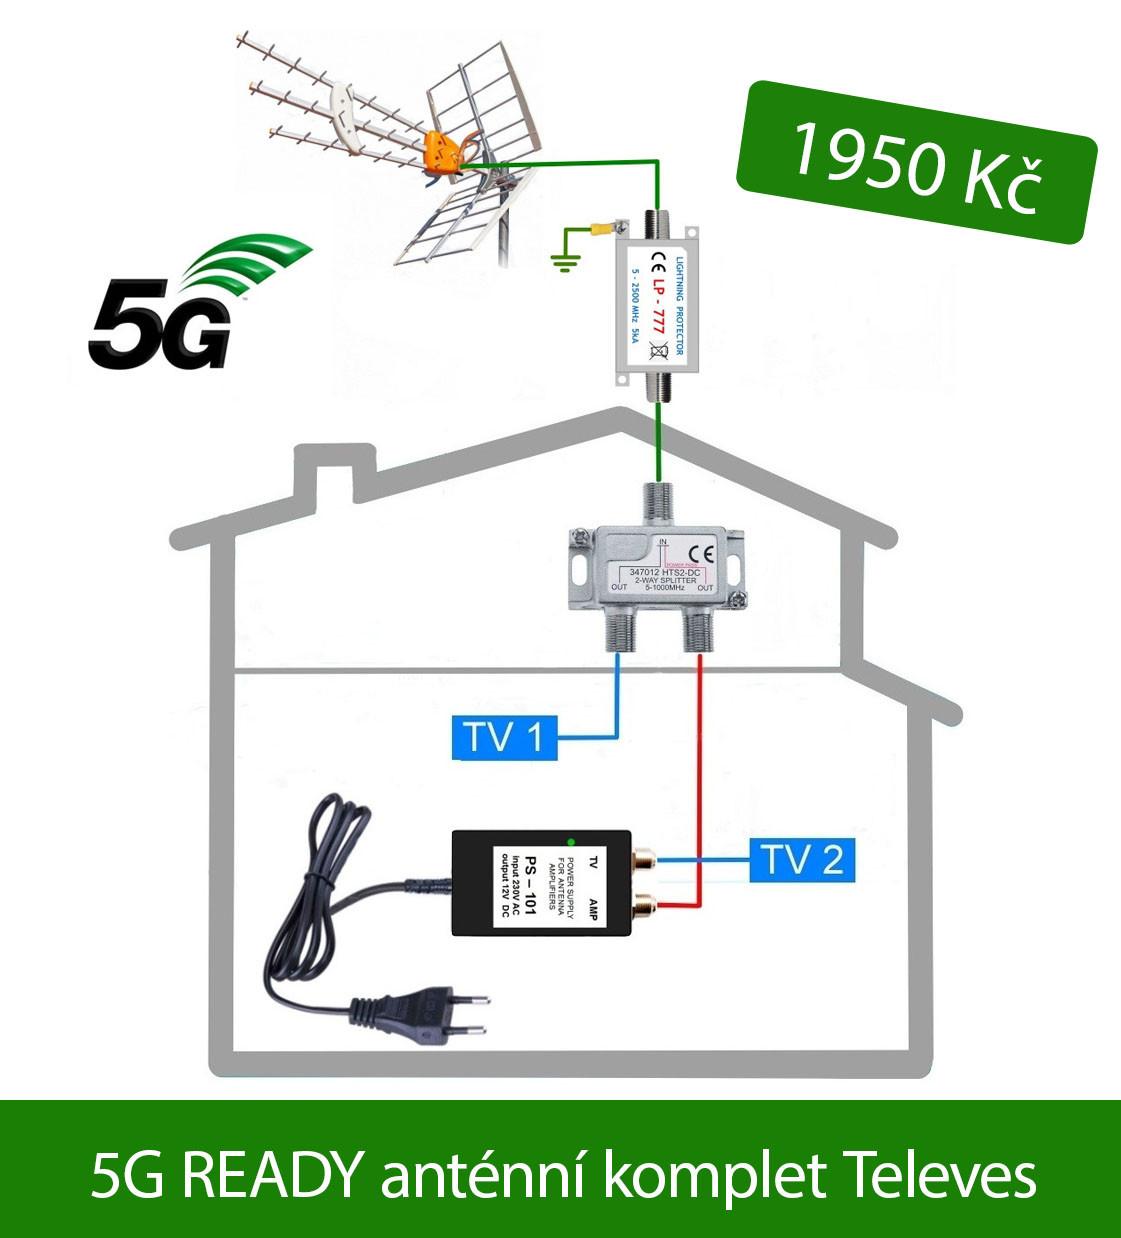 5G READY anténní komplet Televes KOM-TE-101-2